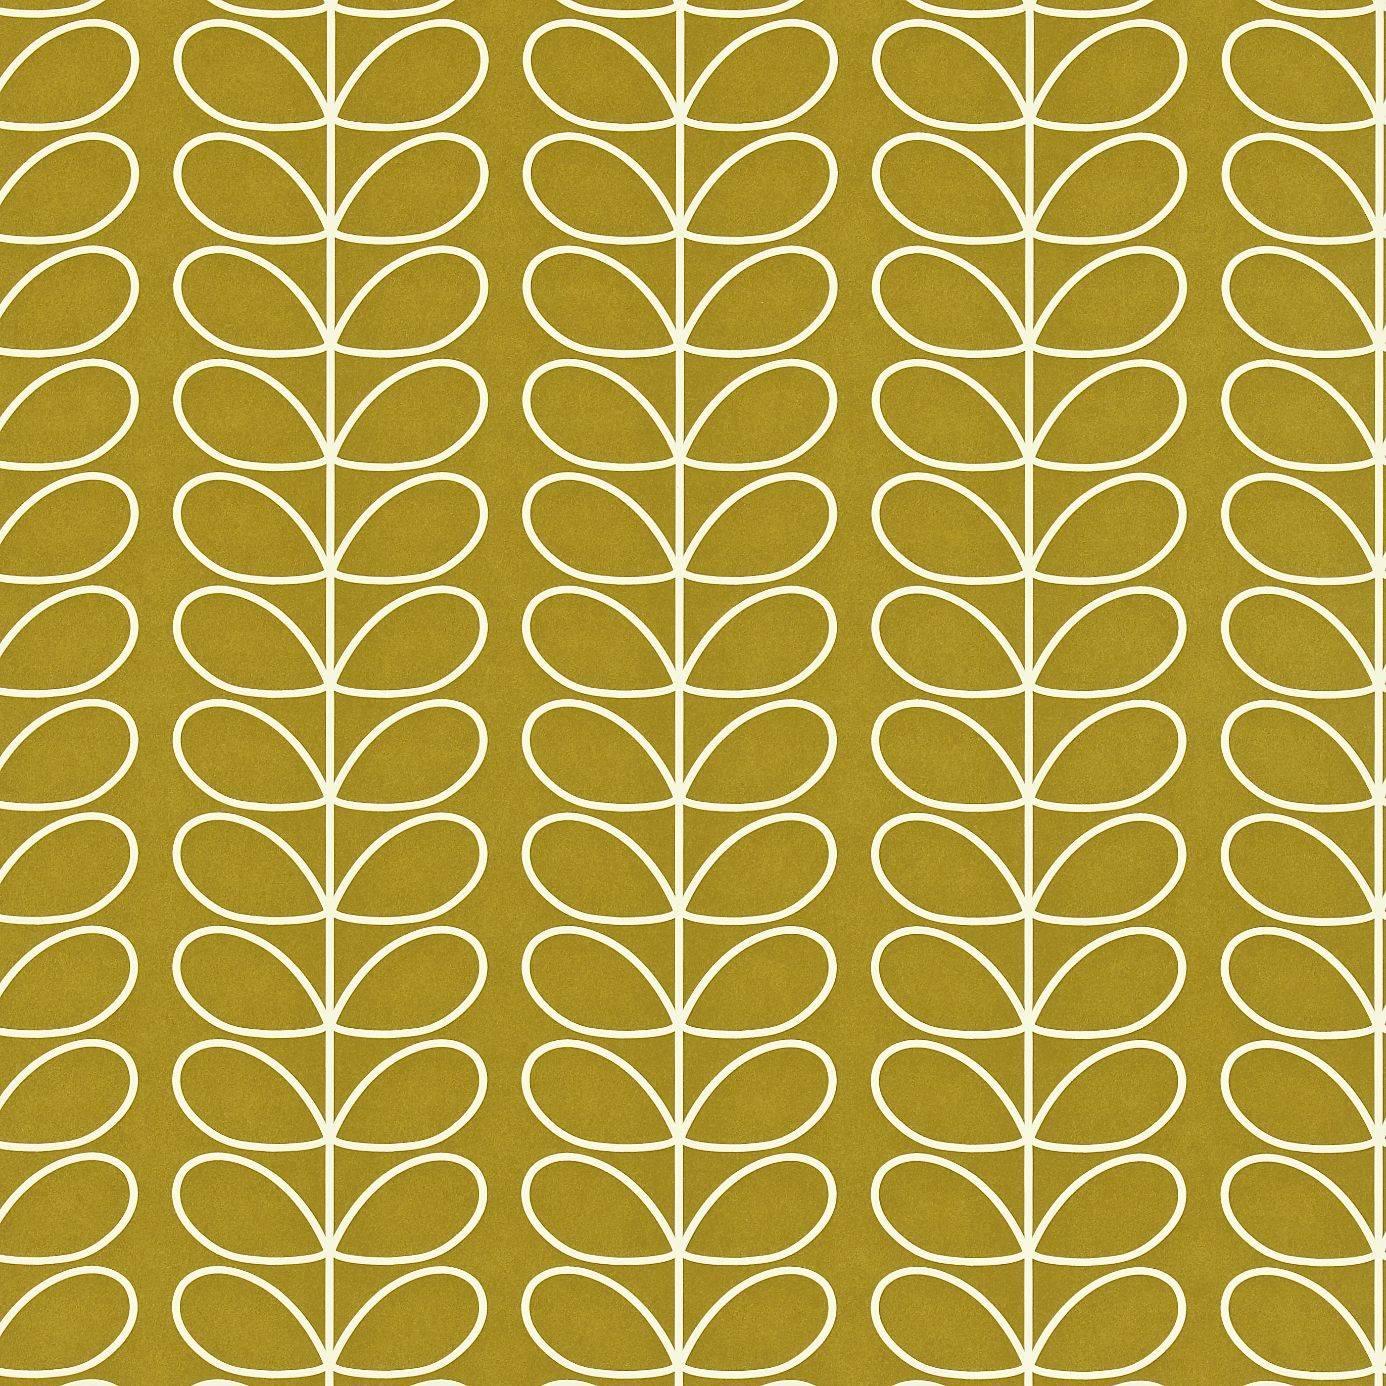 Harlequin Linear Stem Wallpaper Oliveproduct Code 110401